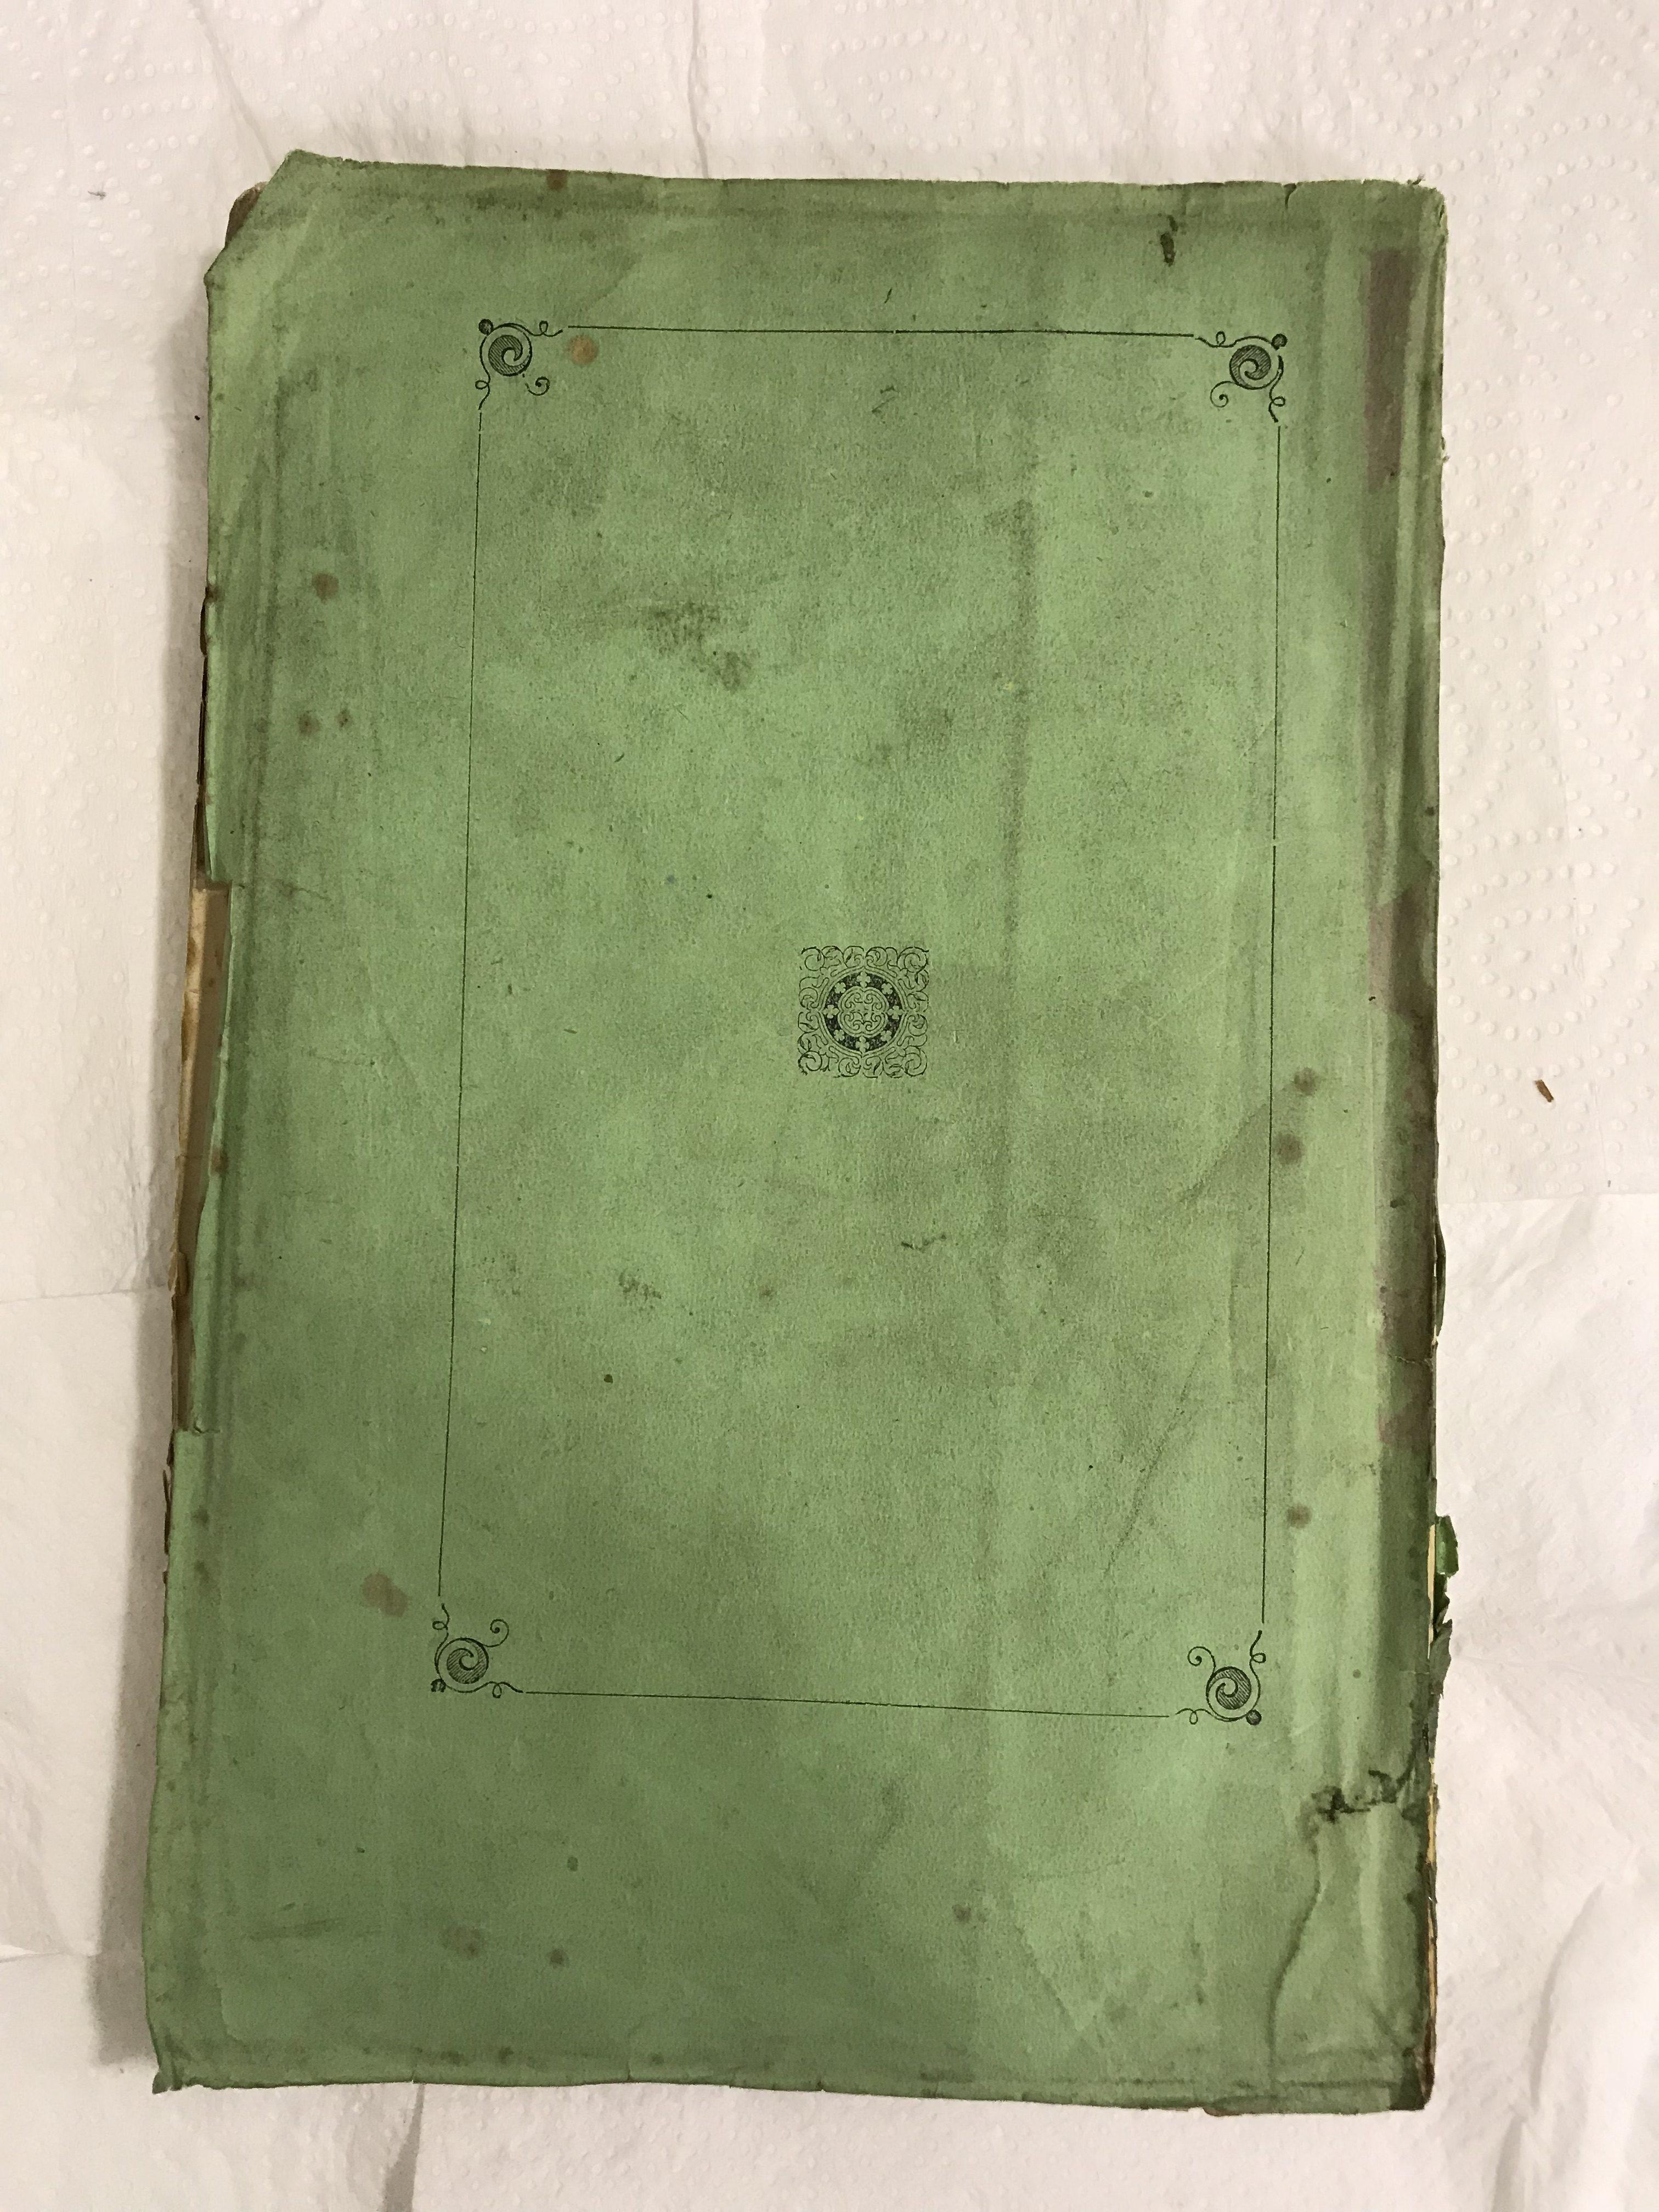 Livre ancien sur la géologie, la pétrographie et la minéralogie Territoire de Belfort